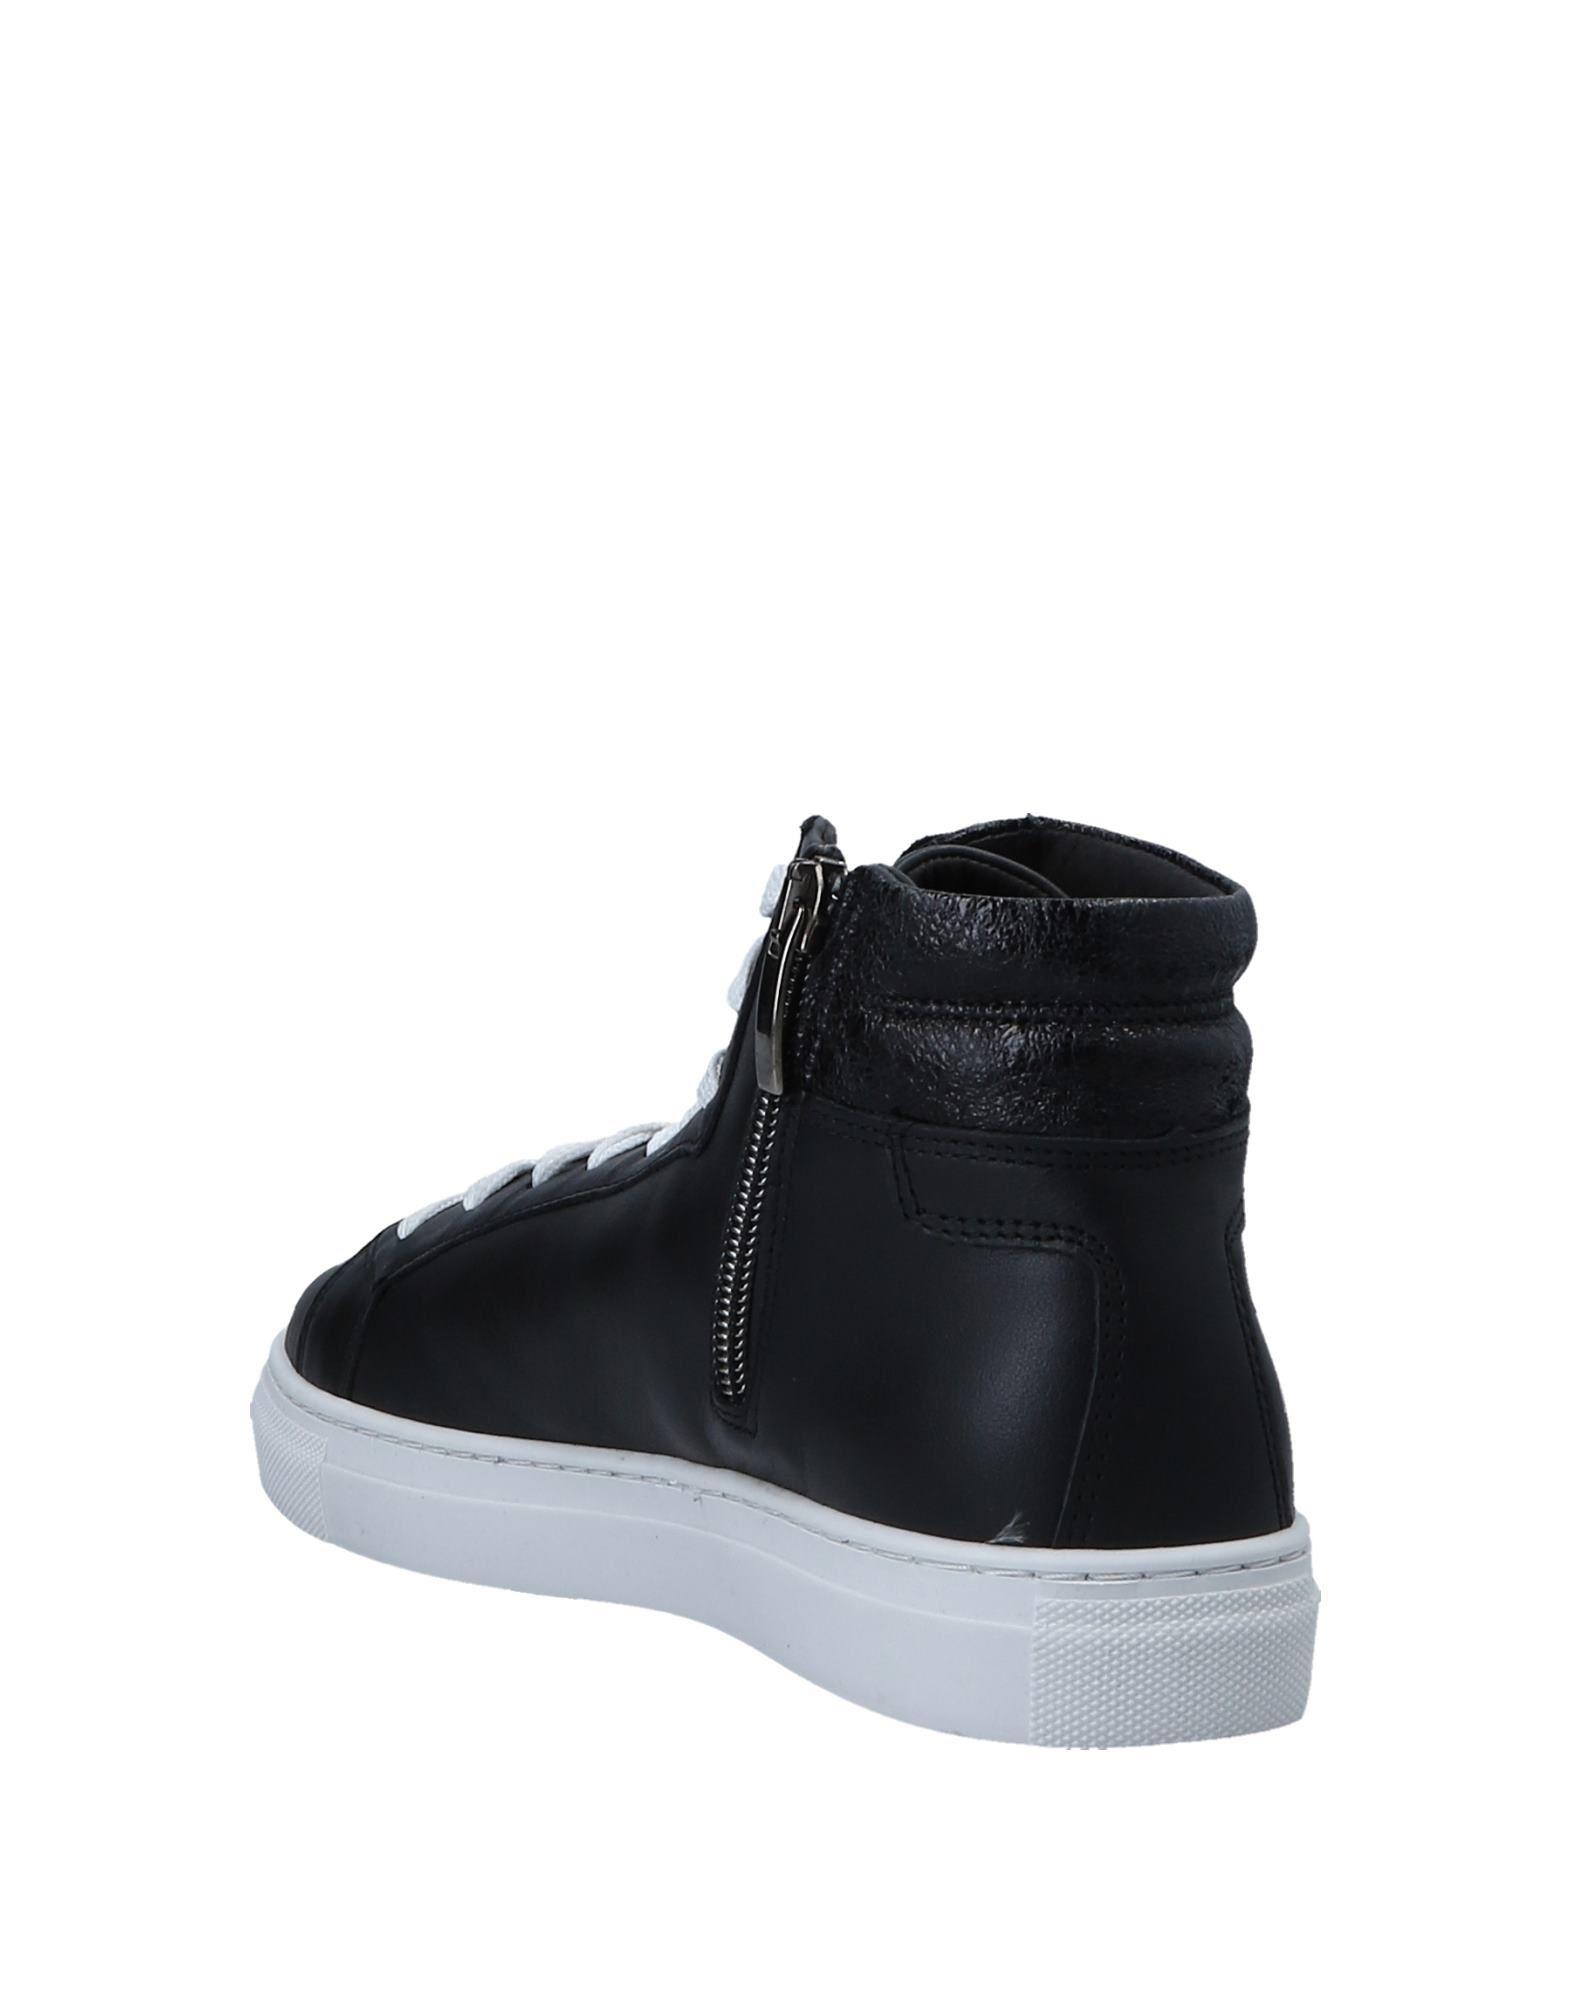 Womsh Womsh Womsh Sneakers Damen Gutes Preis-Leistungs-Verhältnis, es lohnt sich 9bdde4